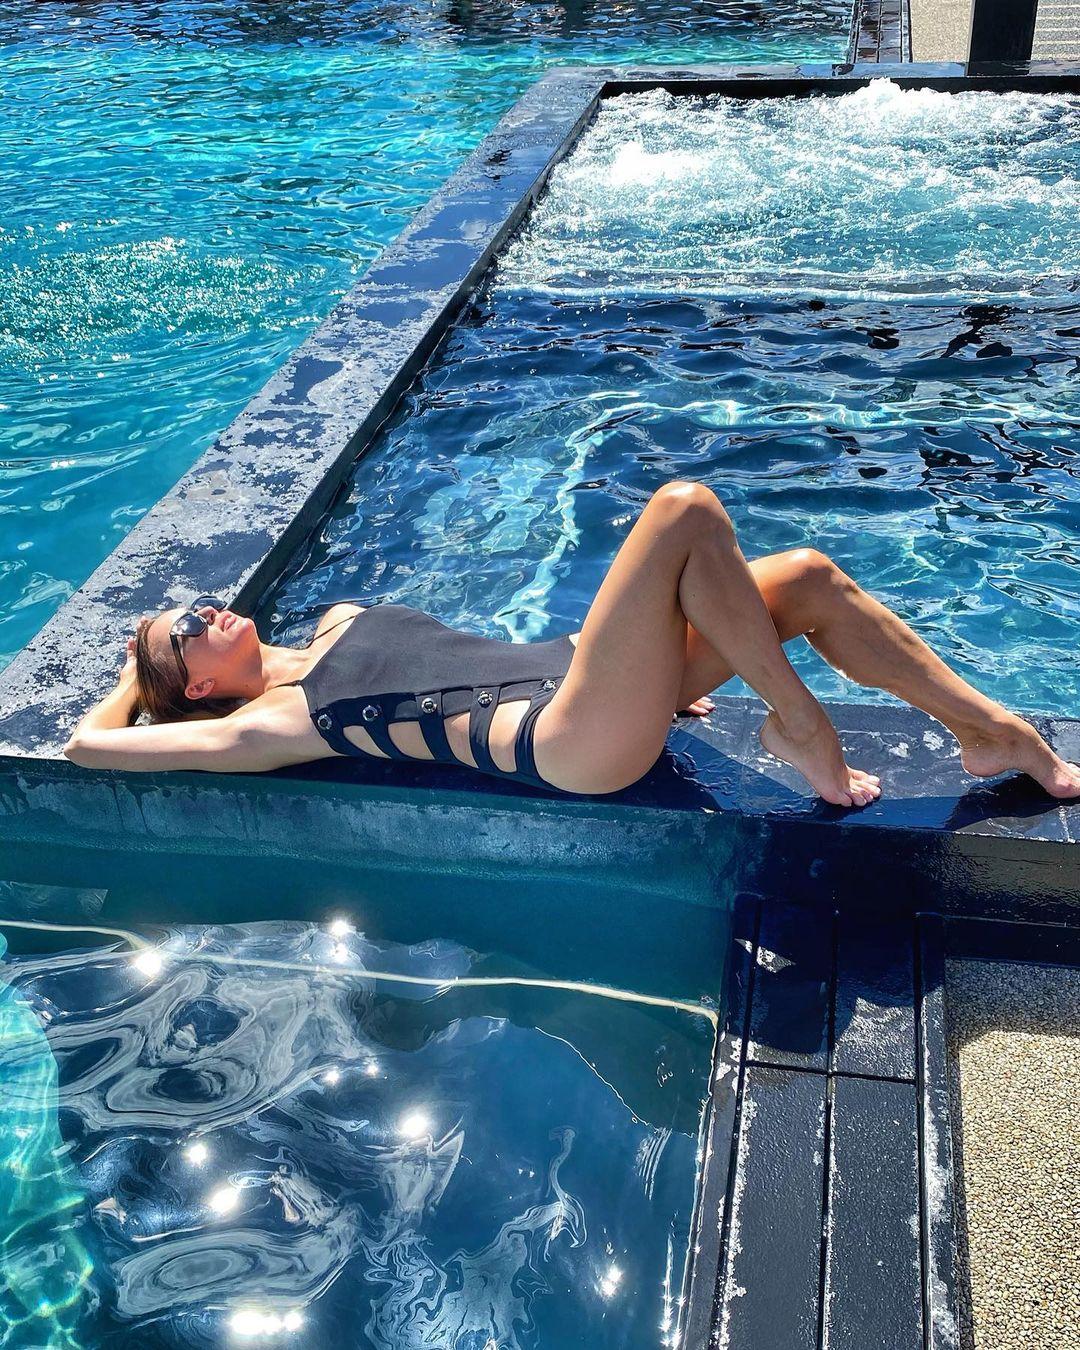 Как избавиться от стресса: шесть проверенных способов Анны Ризатдиновой